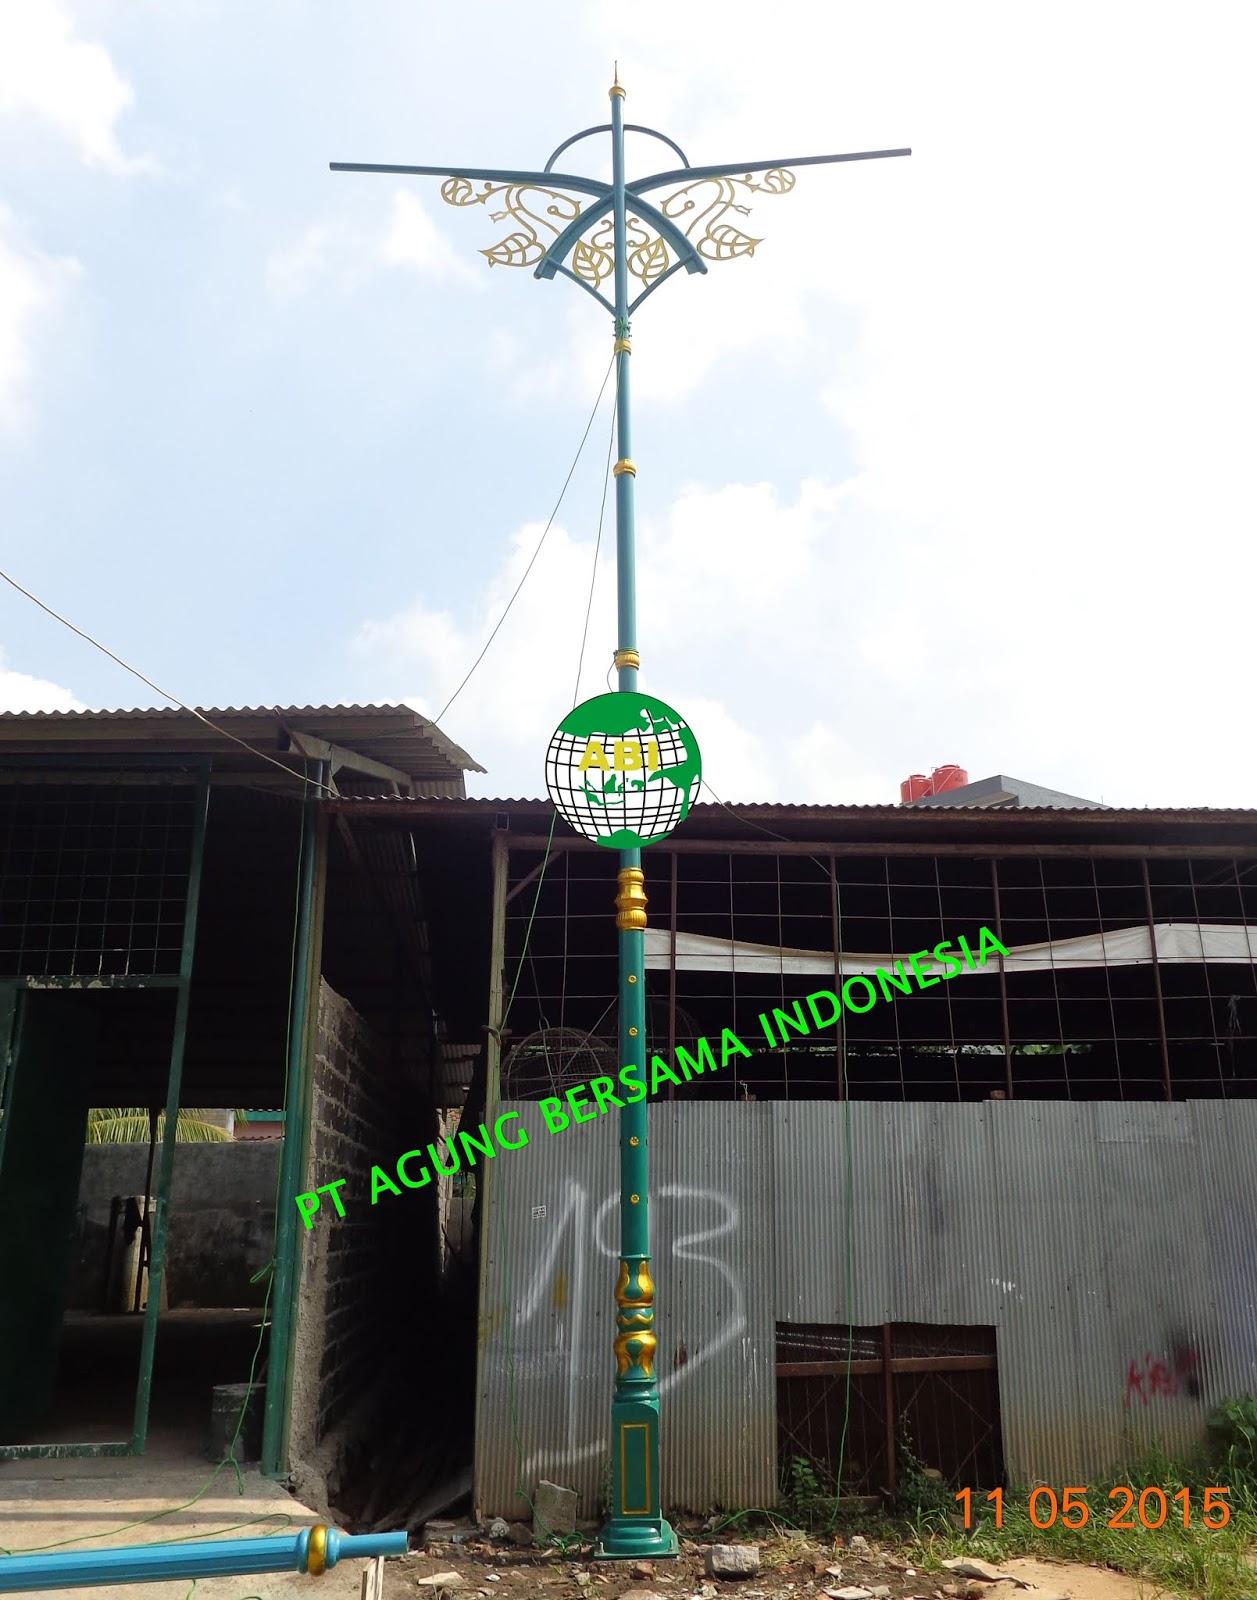 Daftar Harga Jual Produk Tiang Lampu Taman Jalan Pju Murah Indoabi Tiang Lampu Taman Antik Tiang Lampu Klasik Antik Murah